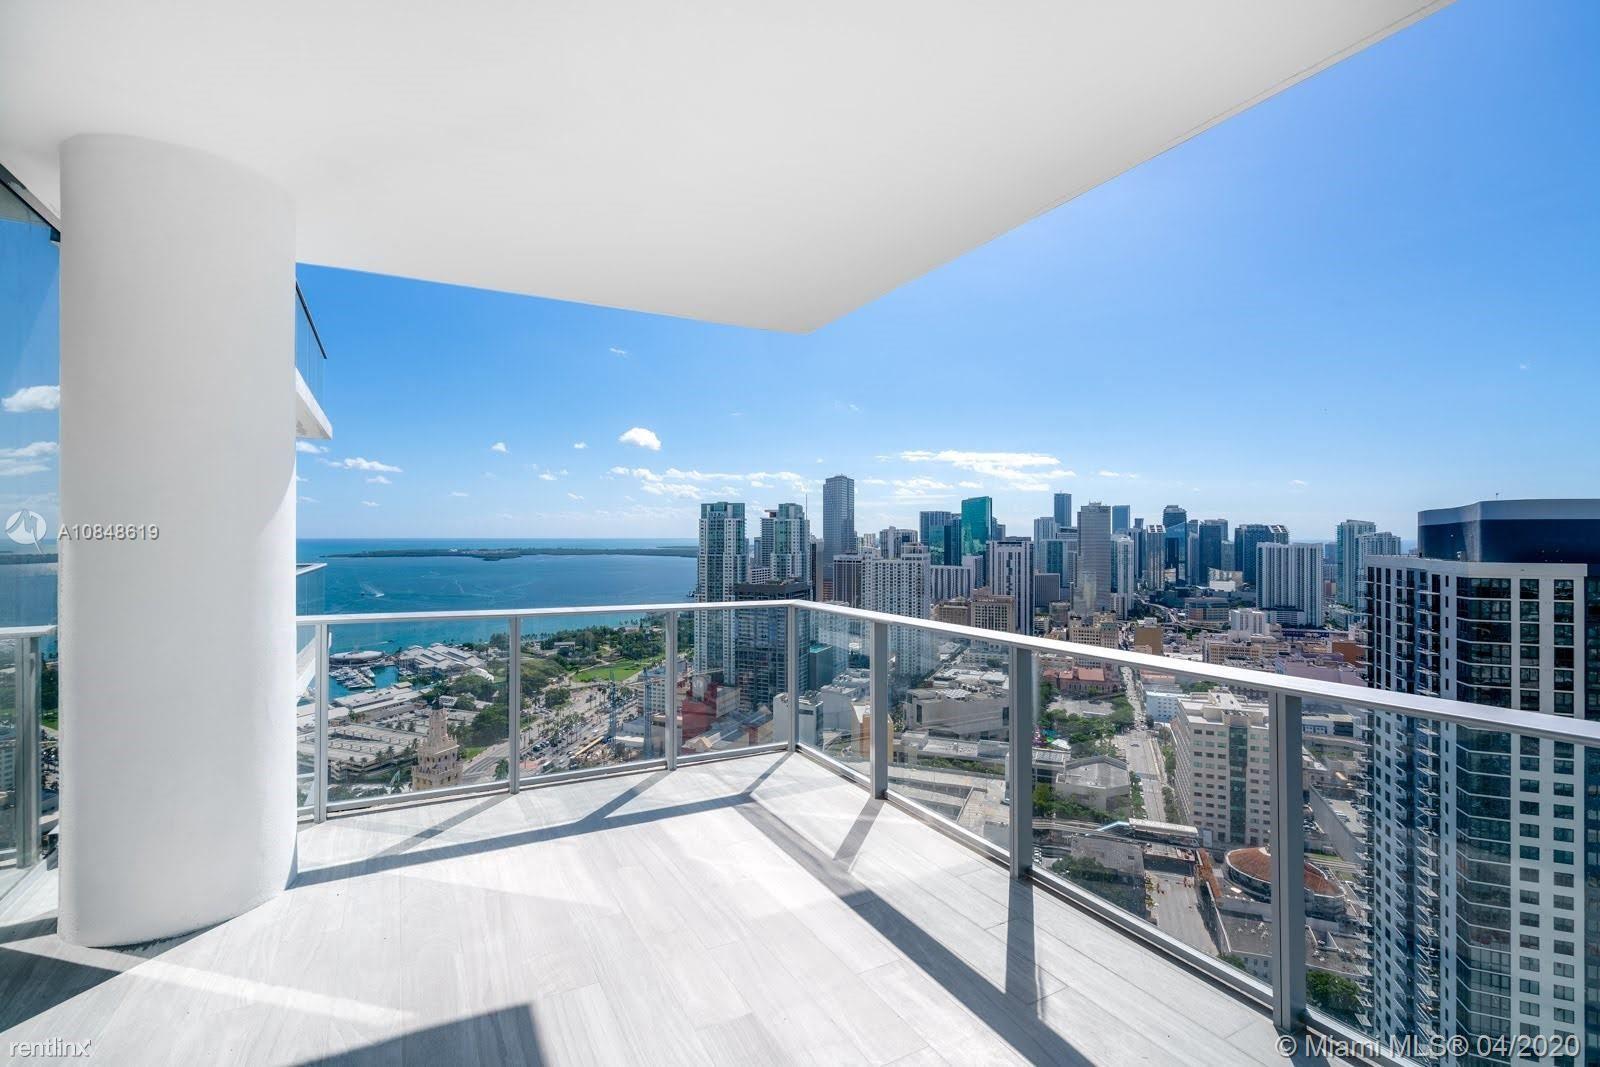 851 NE 1st Ave Unit 4112, Miami, FL - $7,400